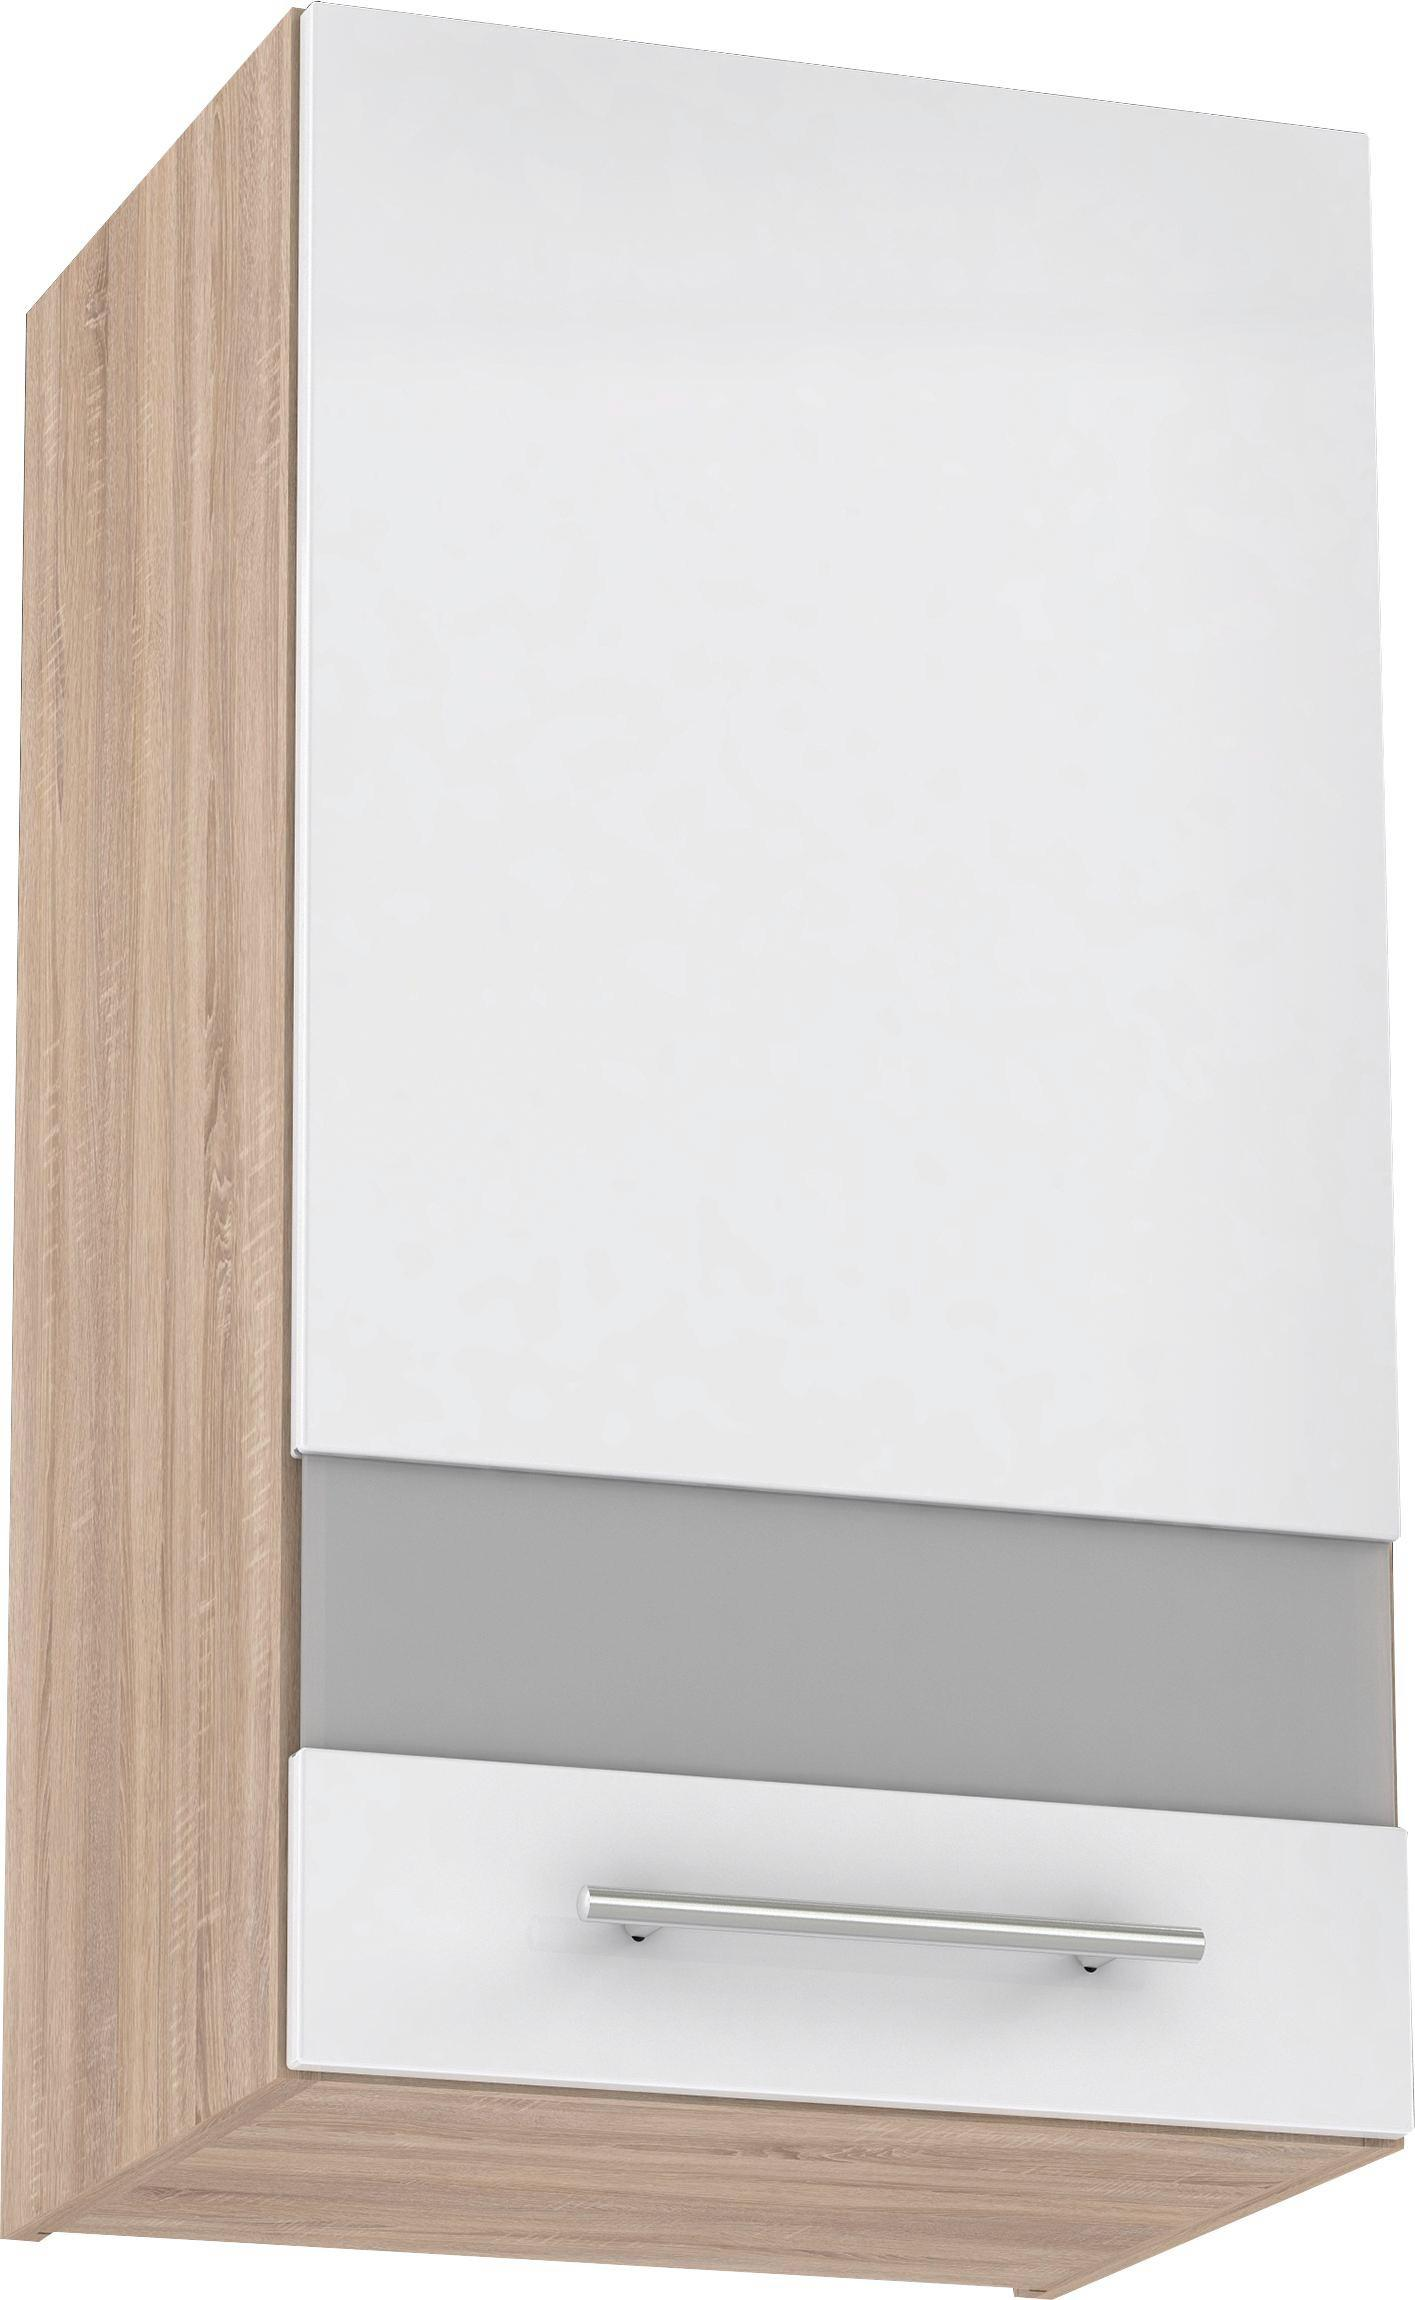 Felsőszekrény Multiforte - barna/Sonoma tölgy, modern, műanyag/üveg (40/72,3/34,6cm)